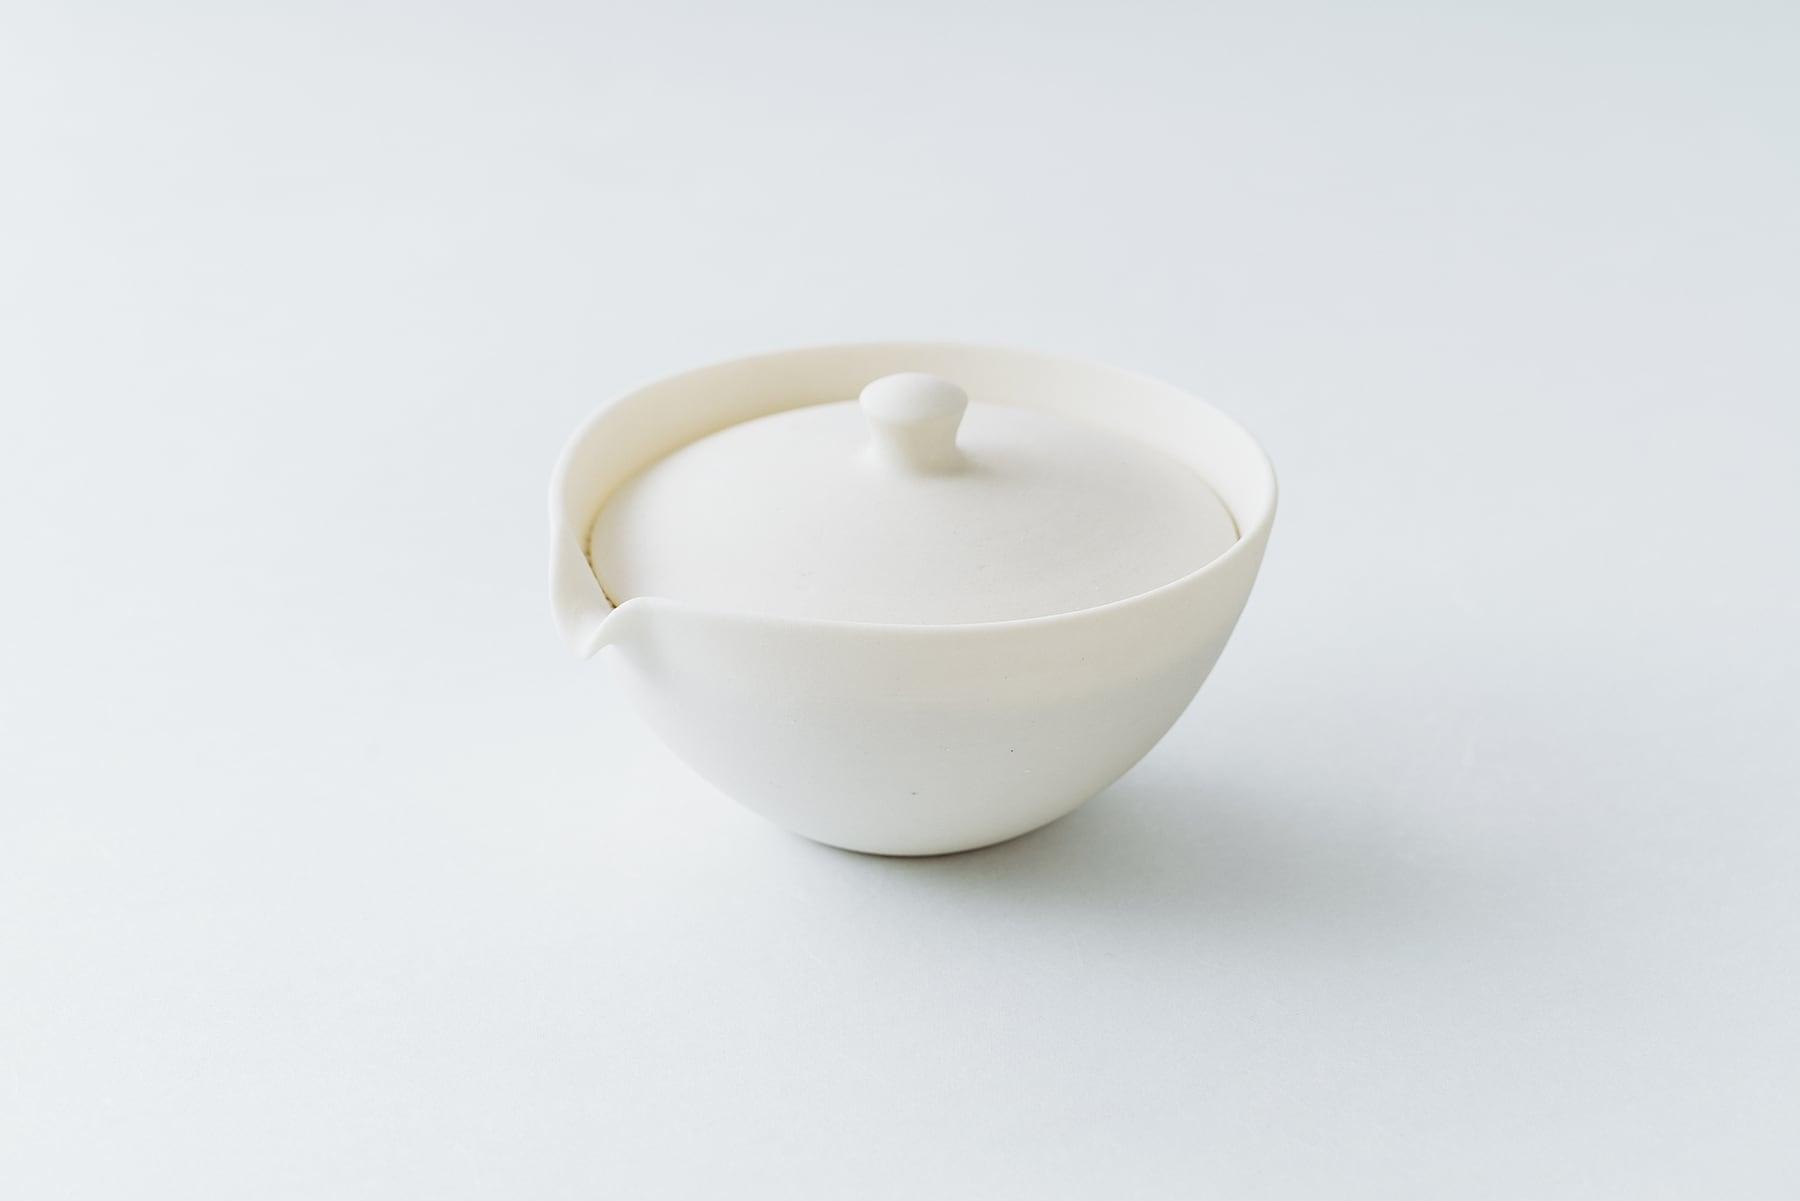 信楽透器 煎茶器